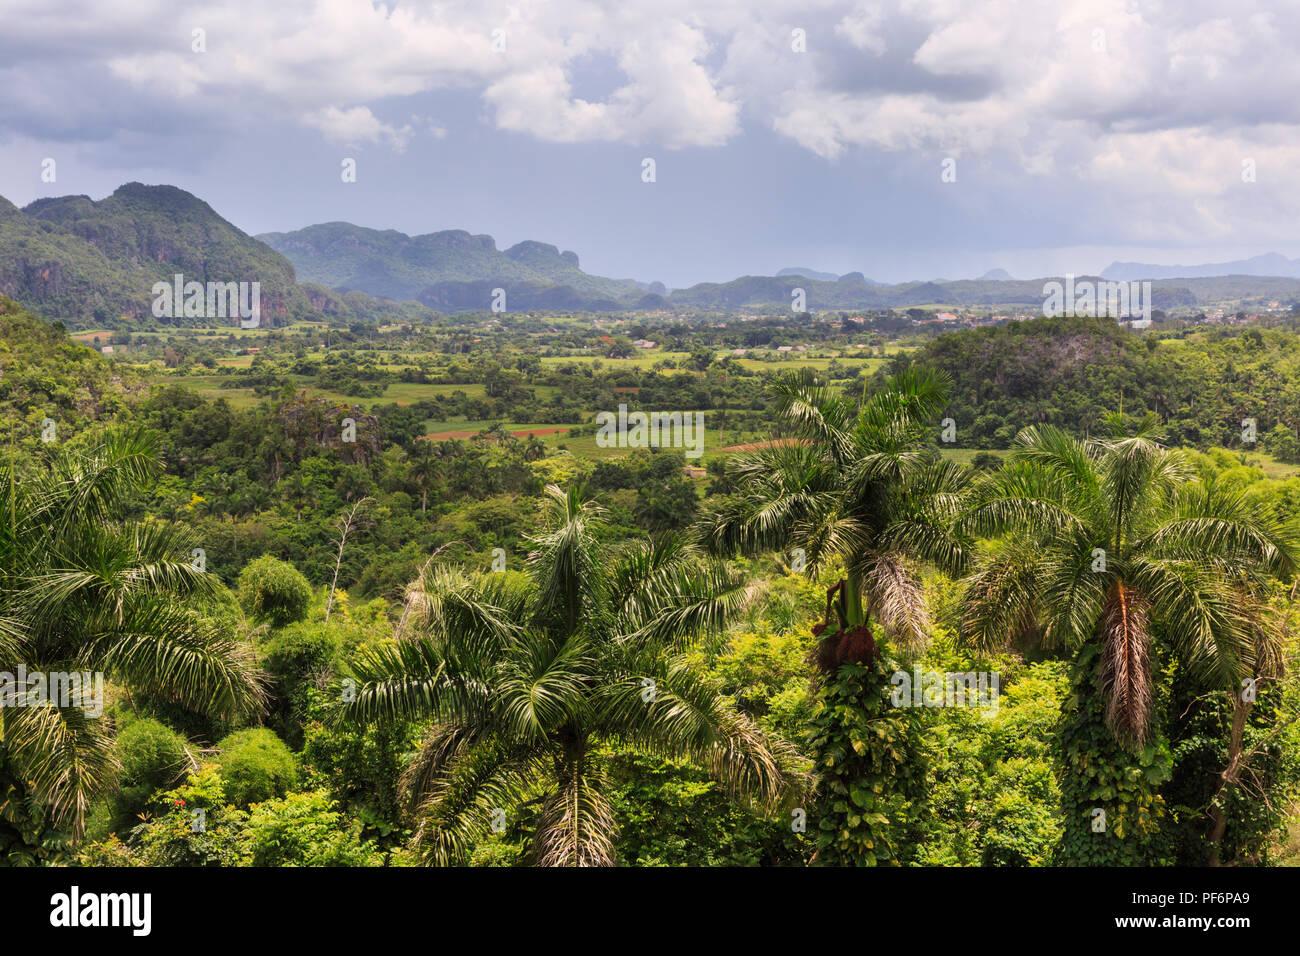 Valle de Viñales, vista panorámica a través de exuberante paisaje verde, provincia de Pinar del Río, Cuba Imagen De Stock